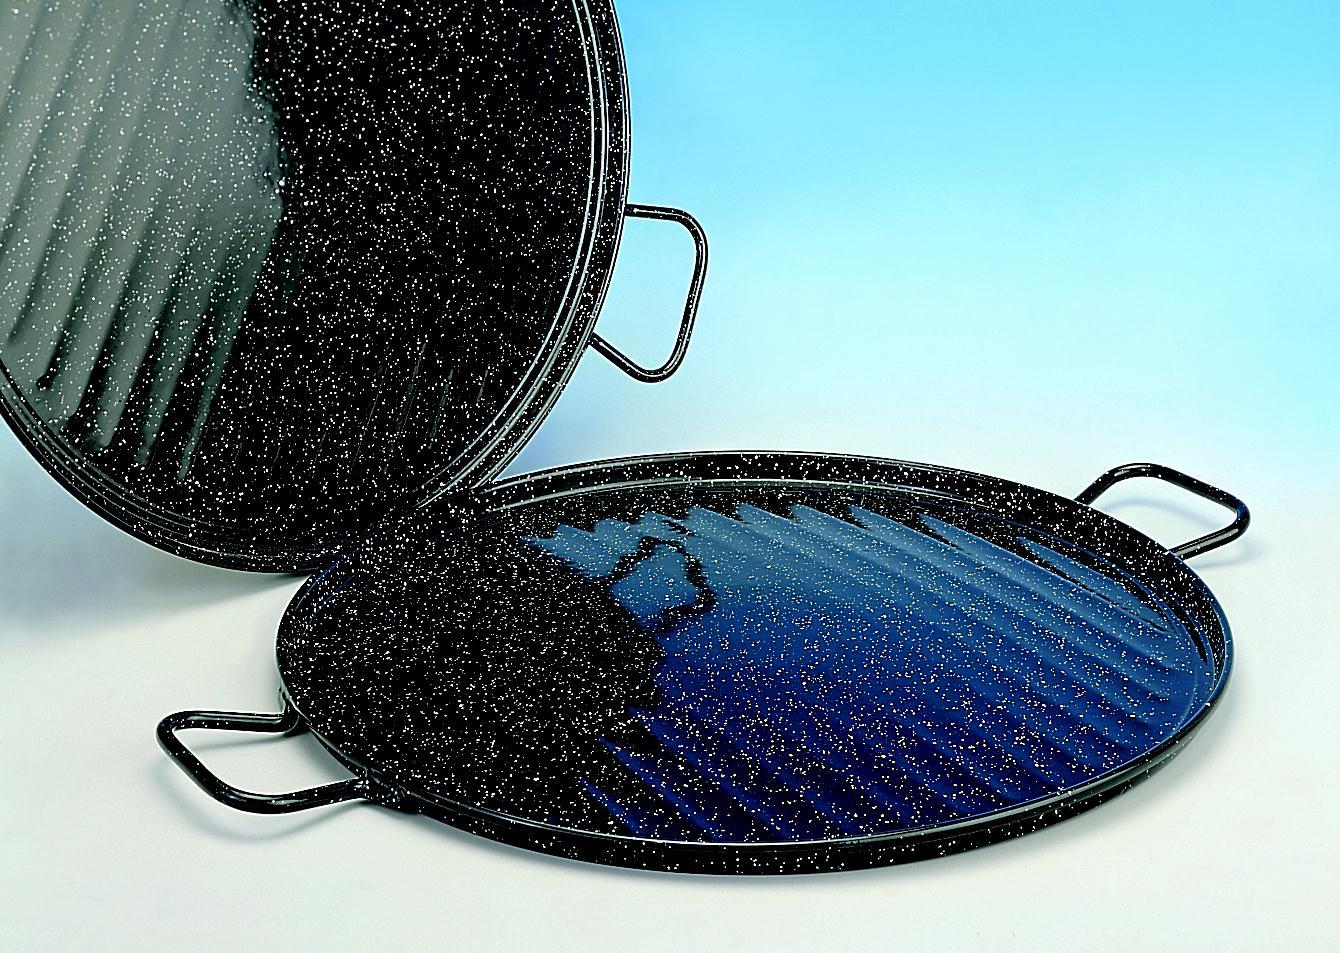 Grillplatta för gasbrännare eller grill dia 46cm